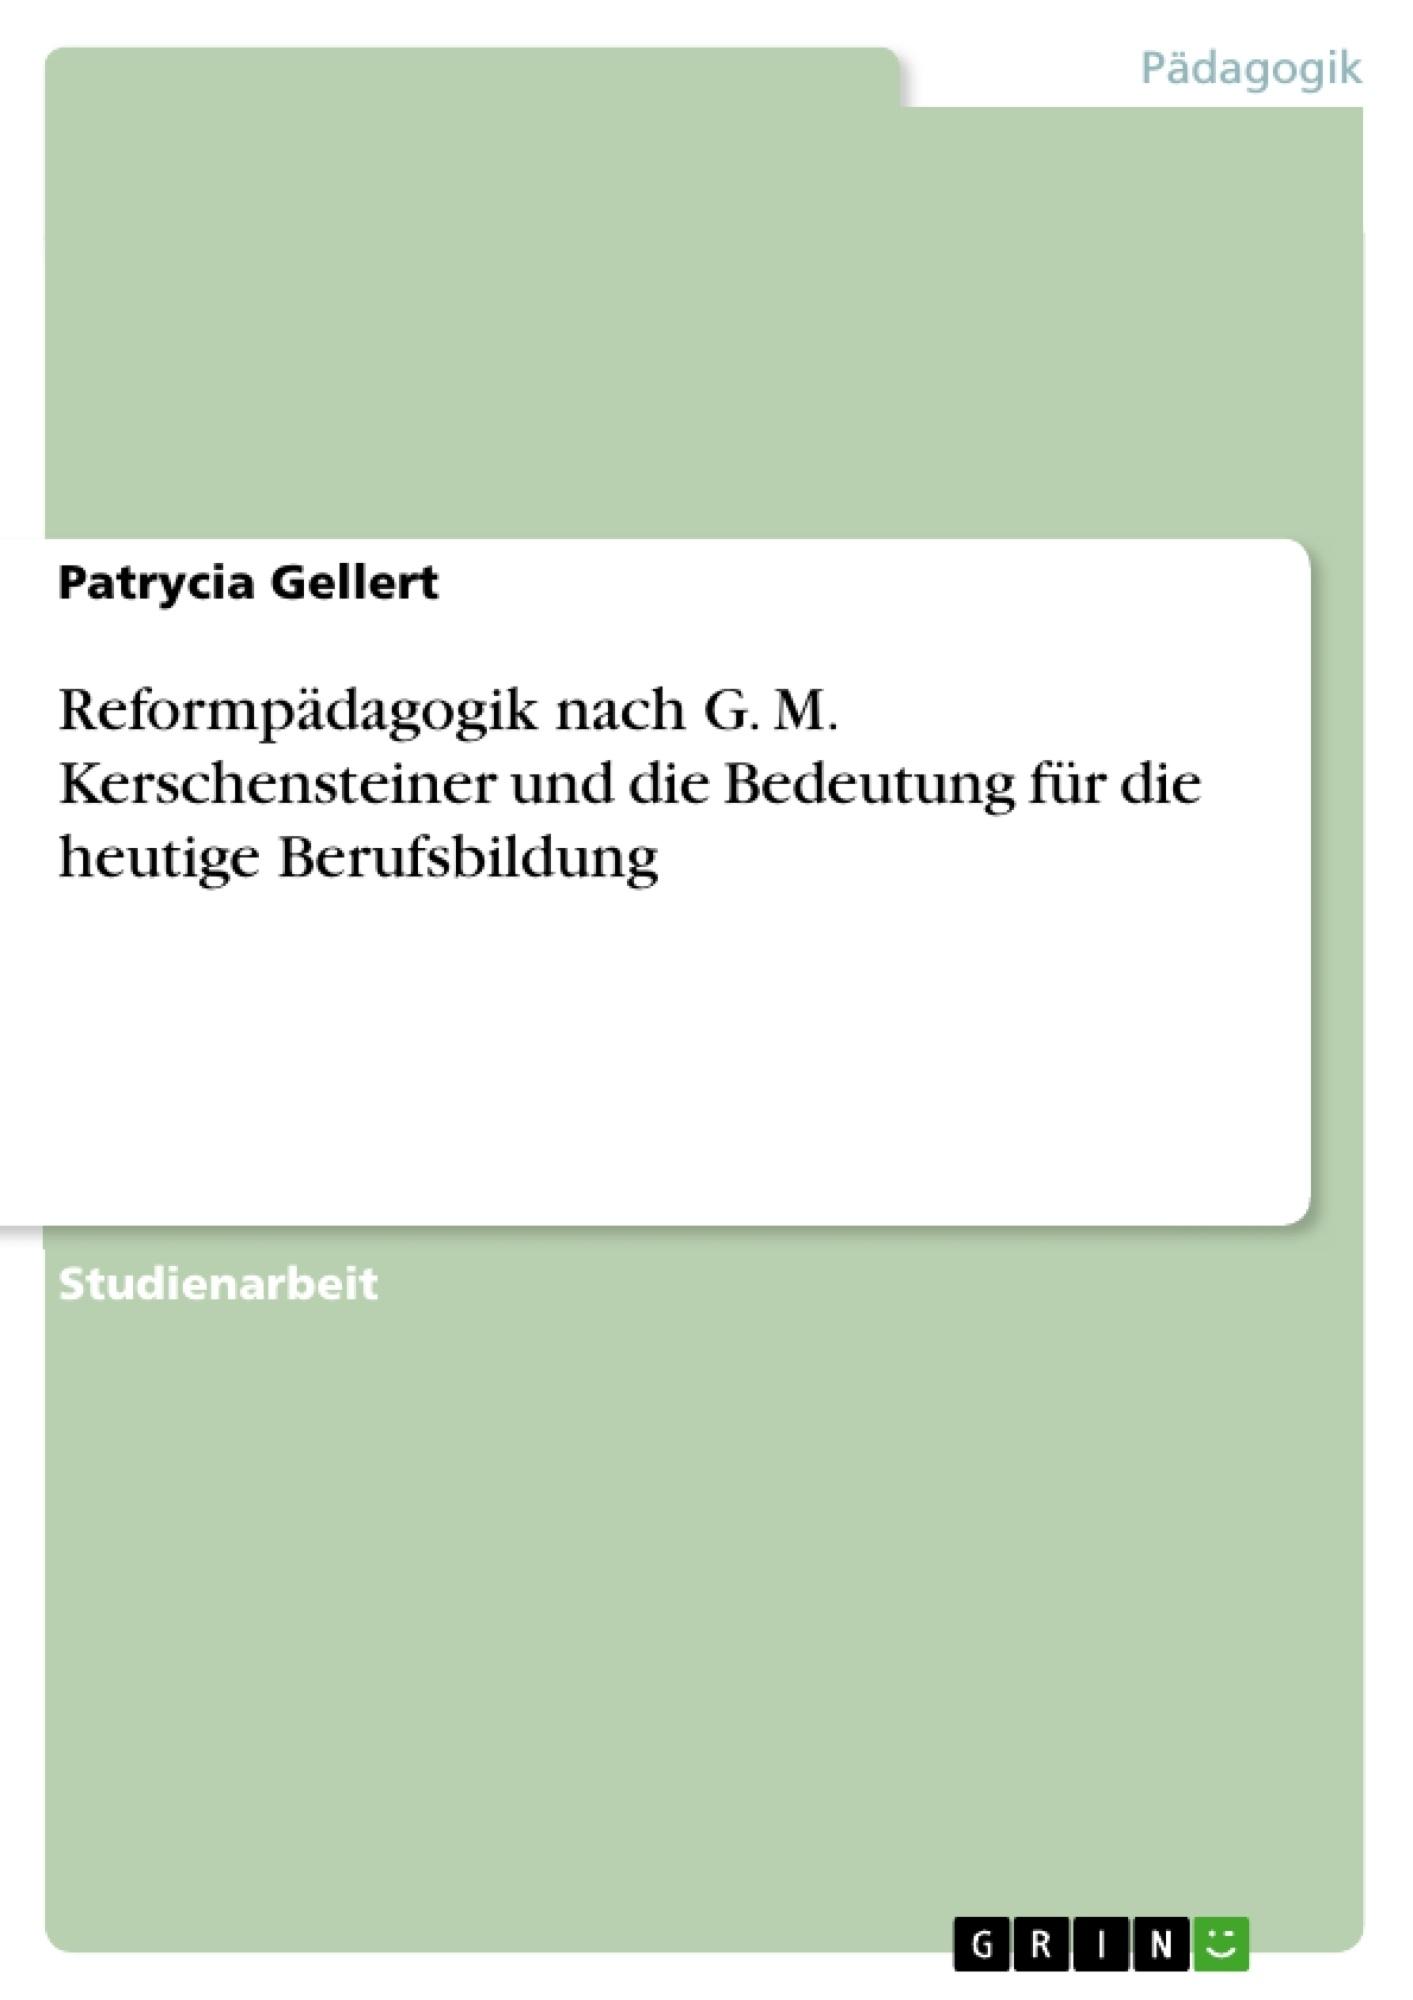 Titel: Reformpädagogik nach G. M. Kerschensteiner und die Bedeutung für die heutige Berufsbildung